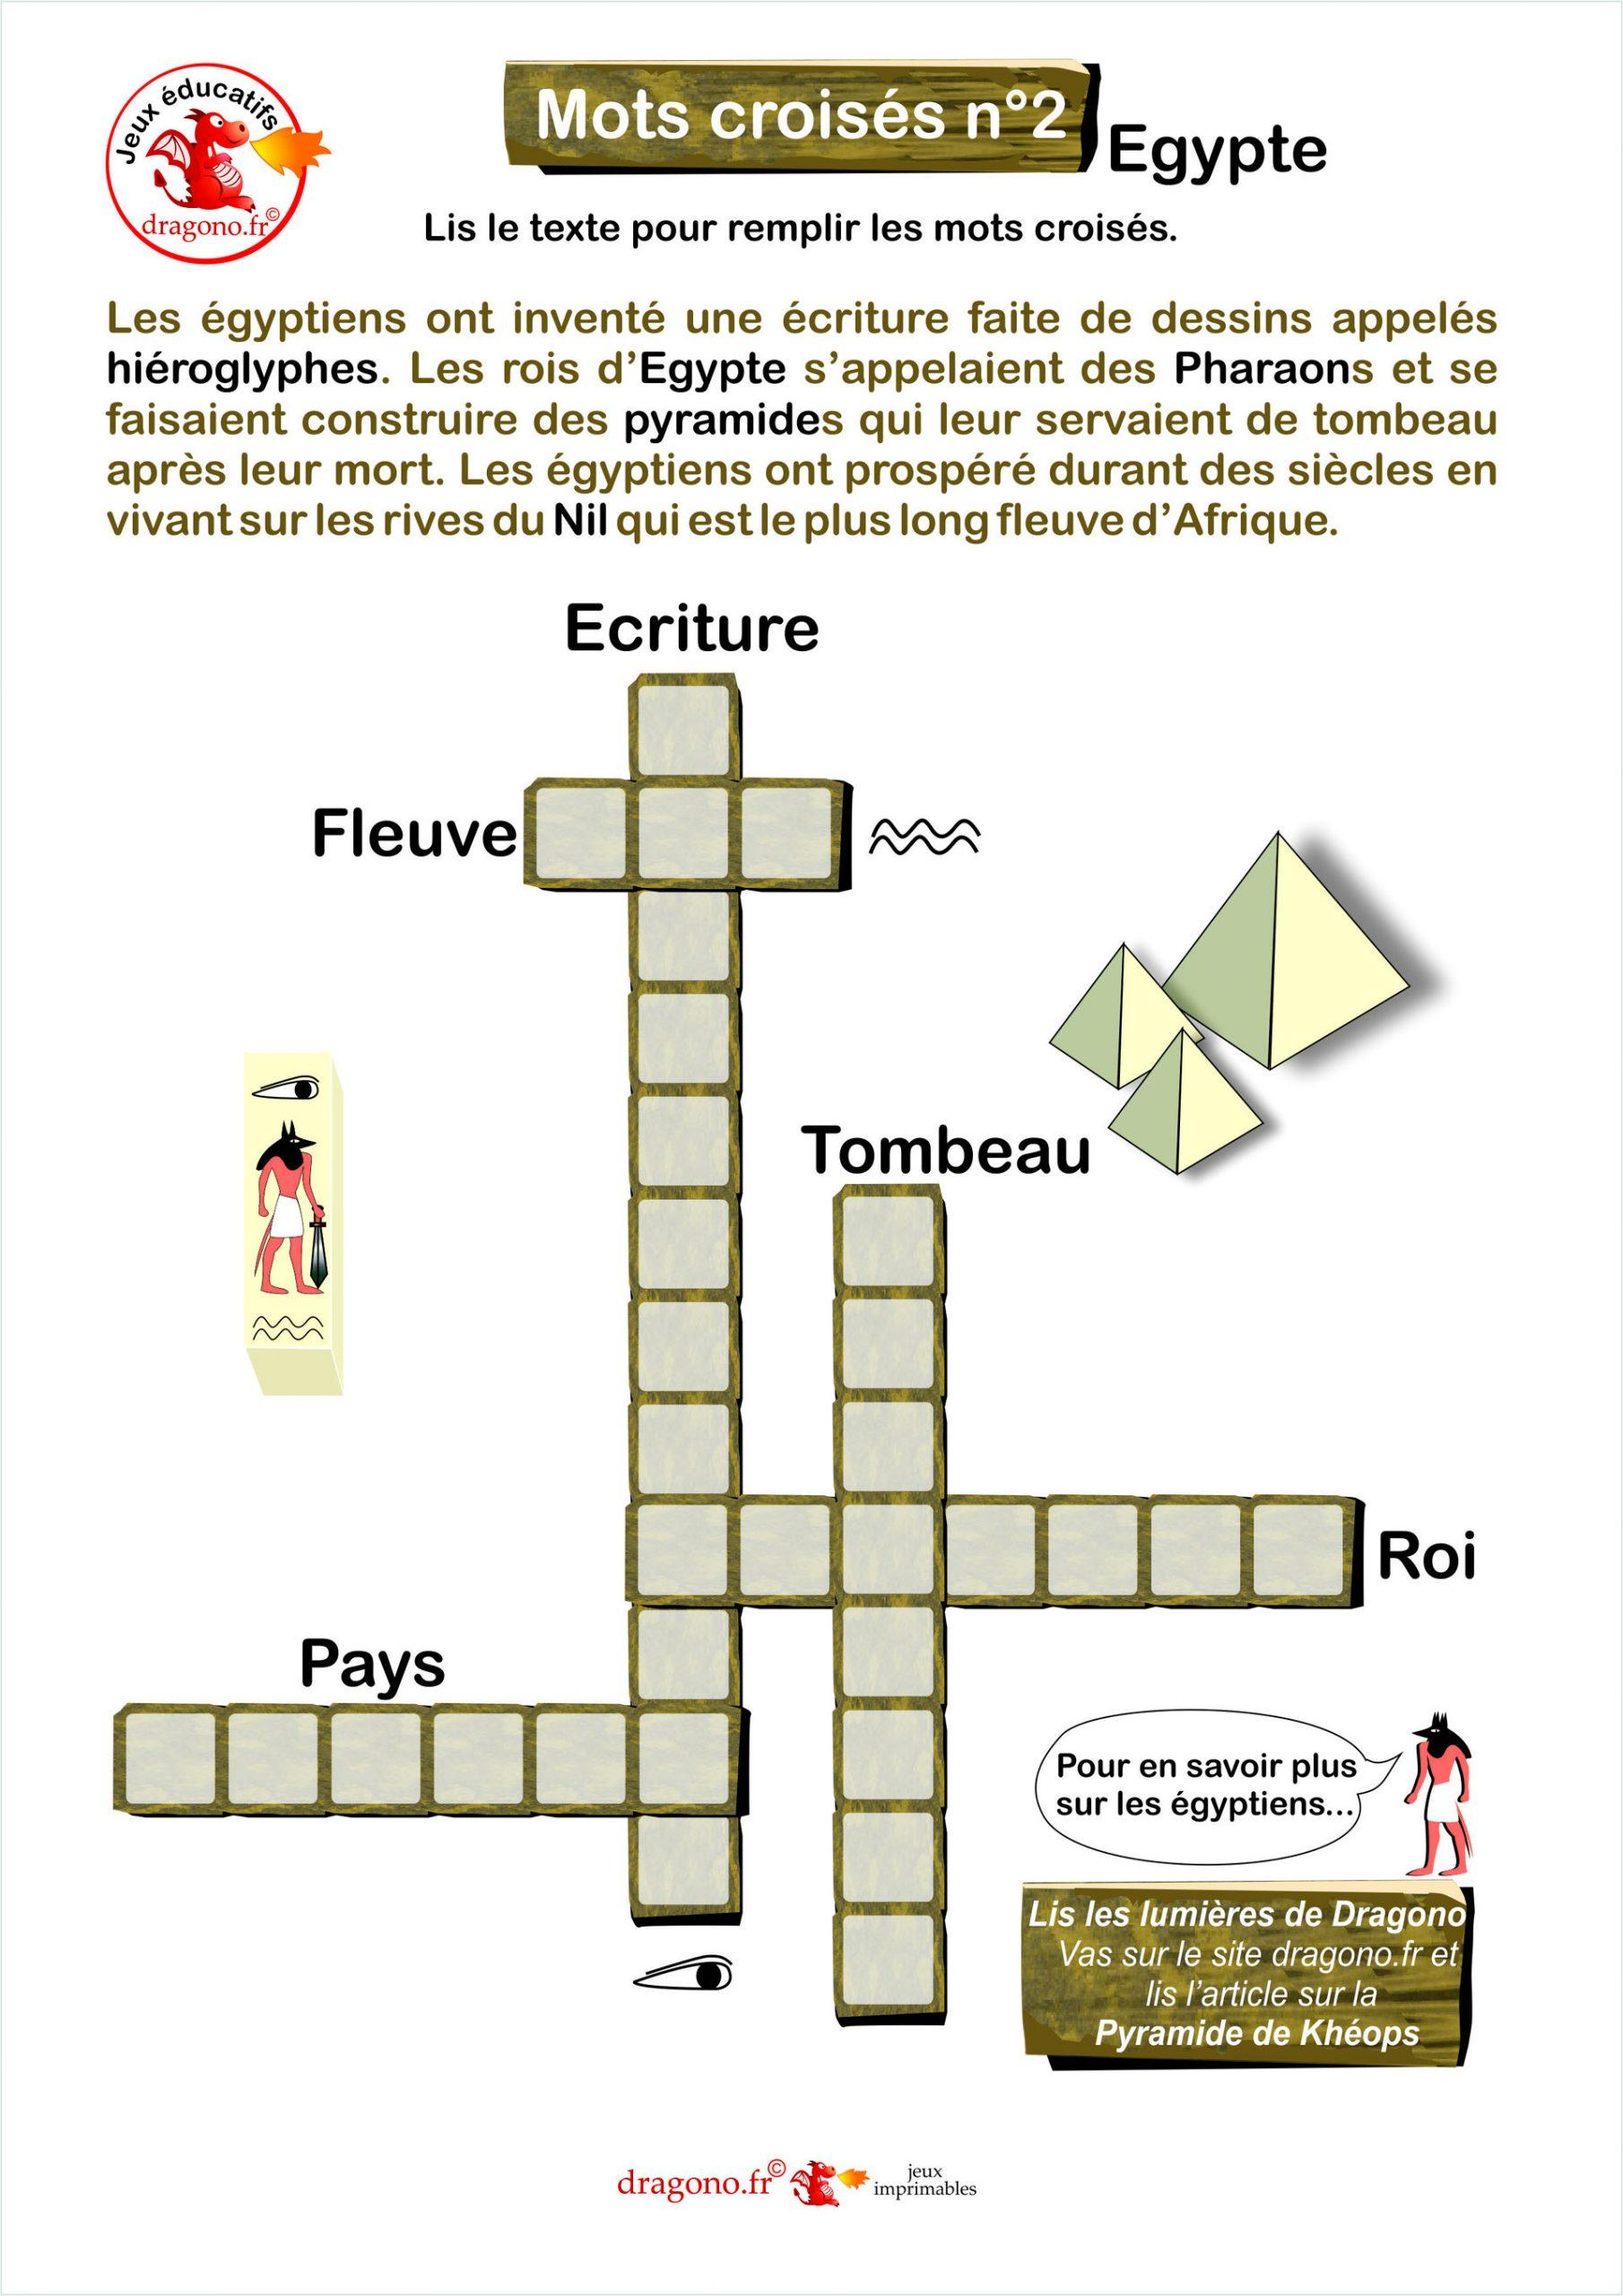 Mots Croisés Egypte - Dragono.fr pour Mots Croisés A Imprimer